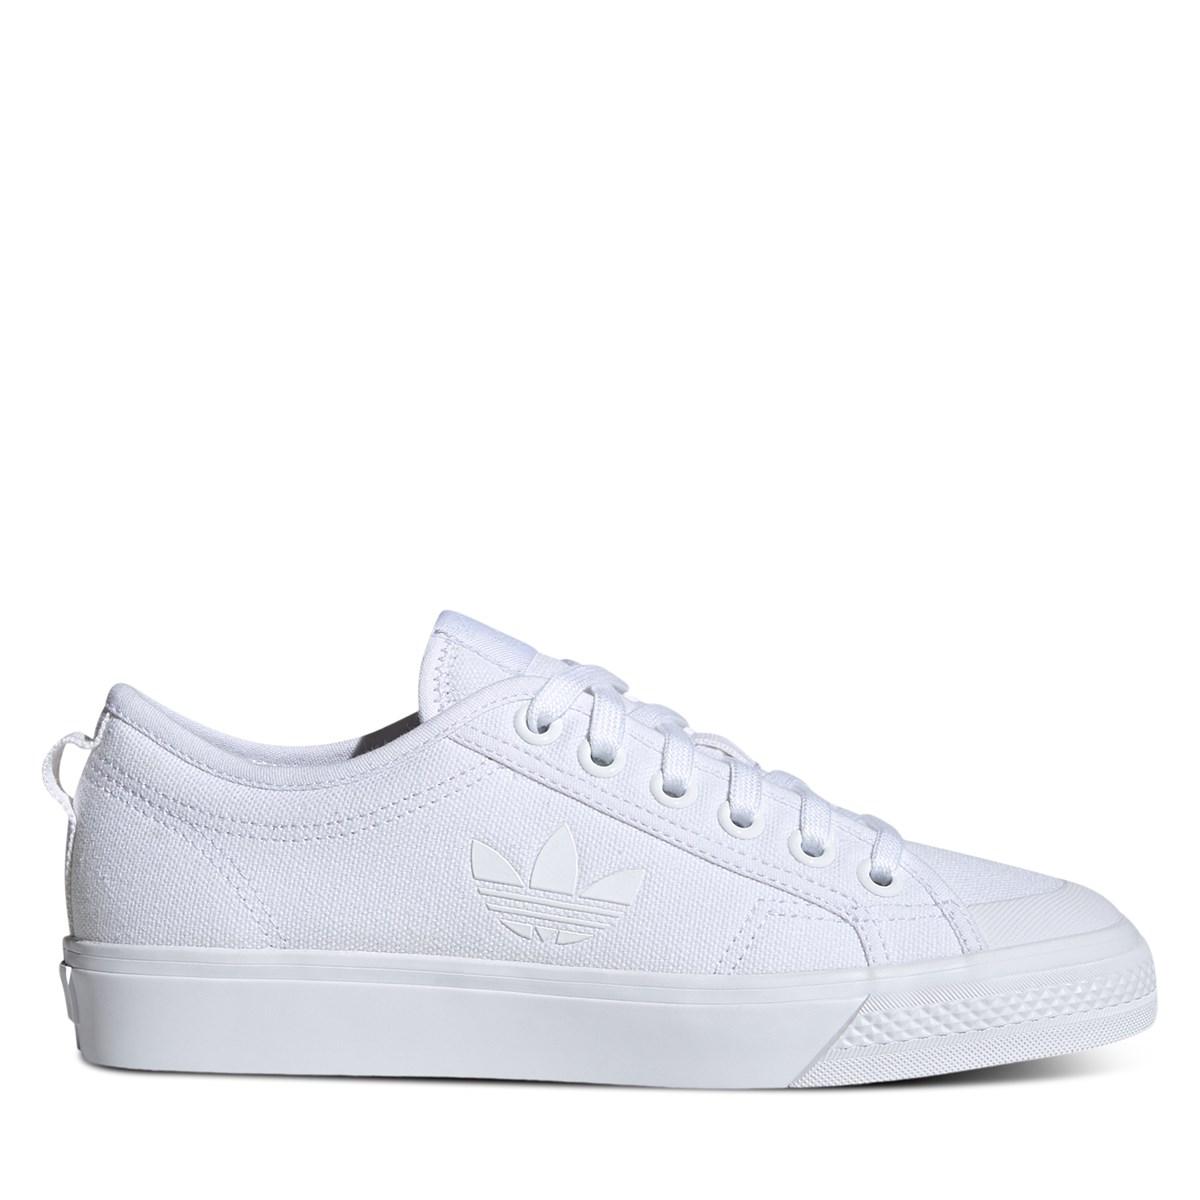 Women's Nizza Trefoil Sneakers in White